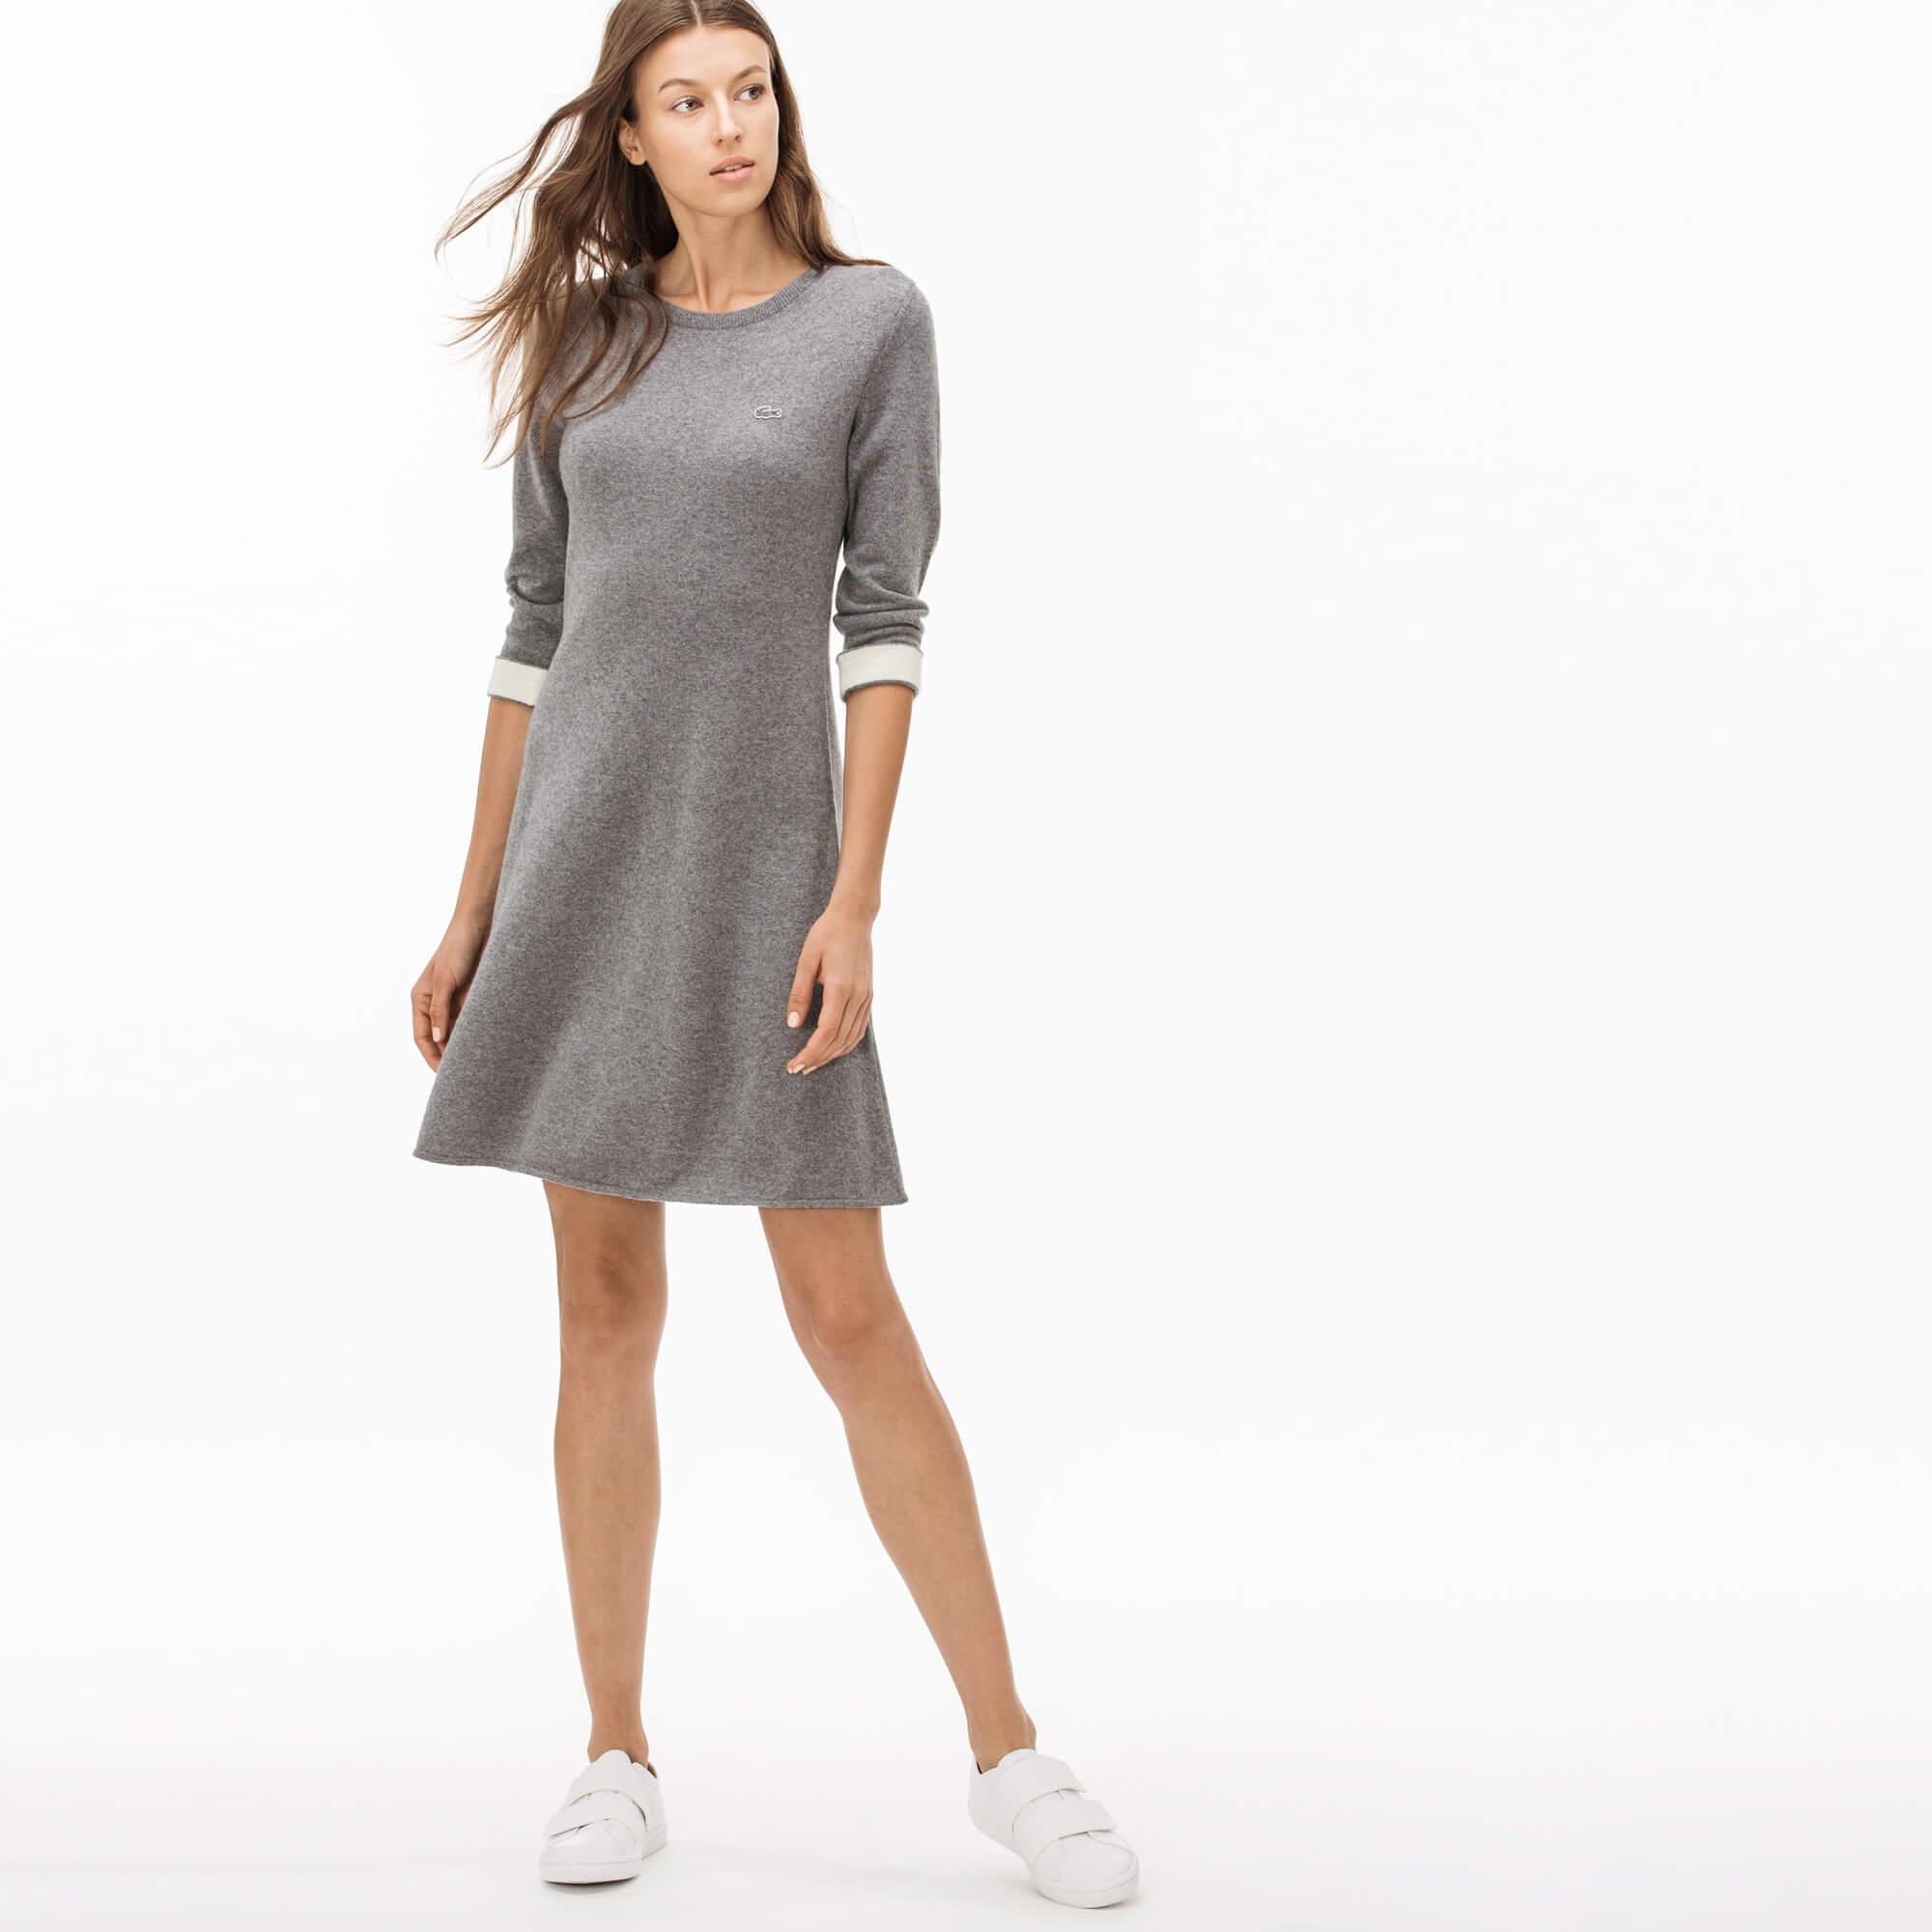 Платье LacosteПлатья и юбки<br>Детали: А-силуэт;\Из натуральной шерсти и кашемира;\Круглый ворот;\Контрастные эластичные манжеты\Материал: 90% шерсть 10% кашемир